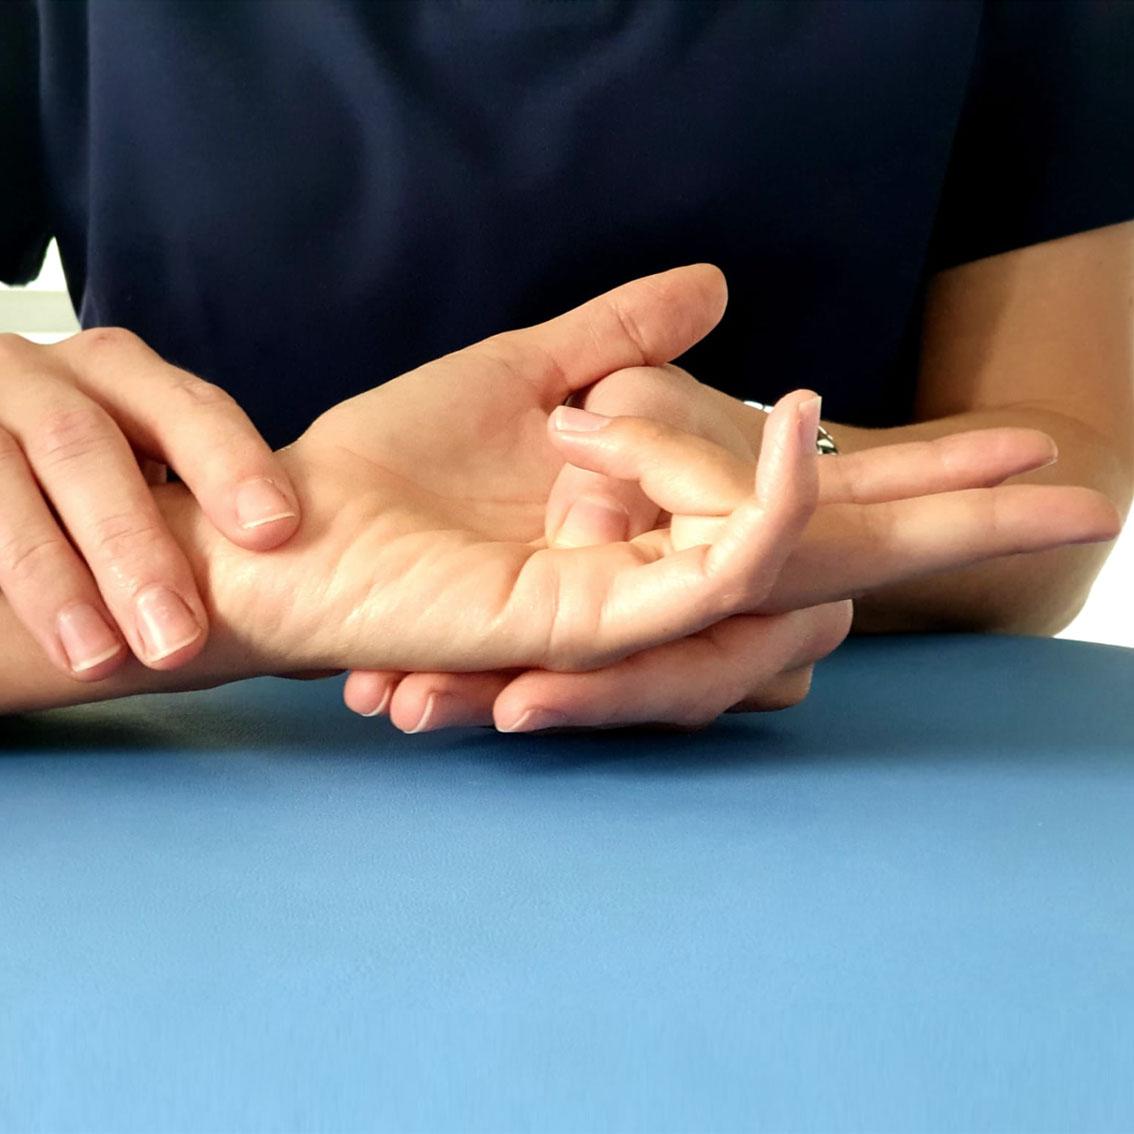 Maladie de Dupuytren, pathologie fréquente de la main